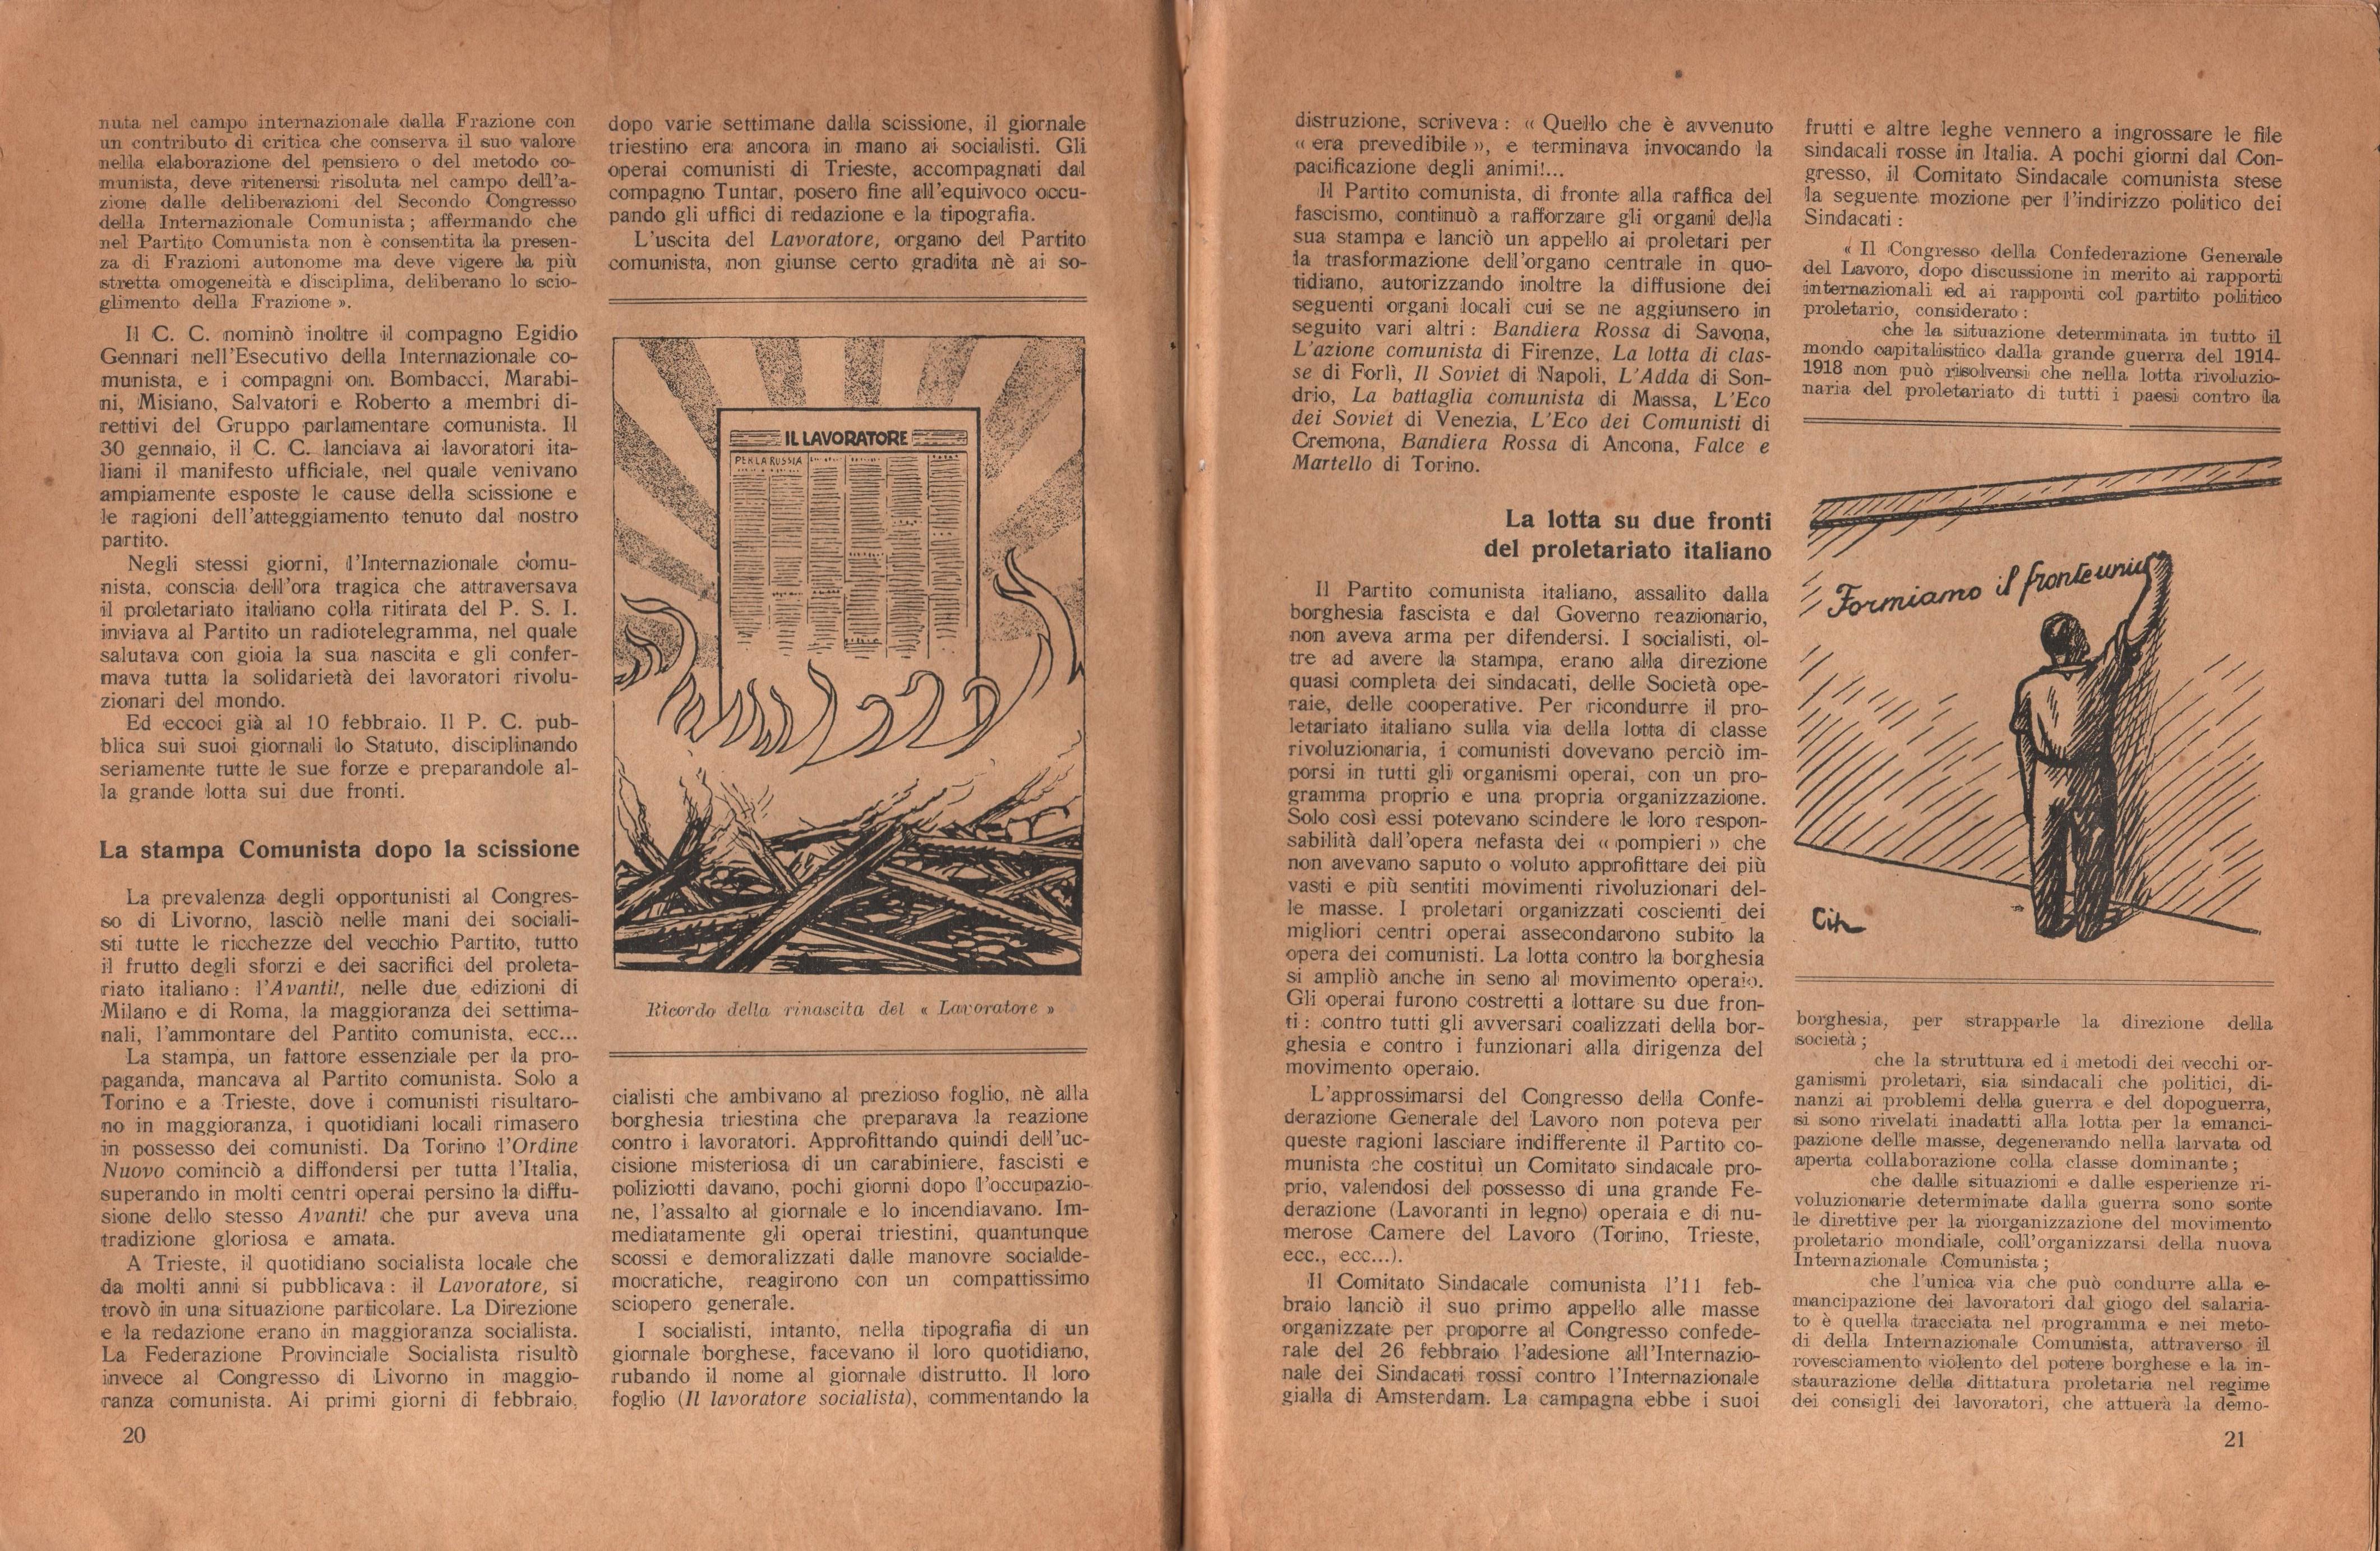 Almanacco comunista 1922 - pag. 13